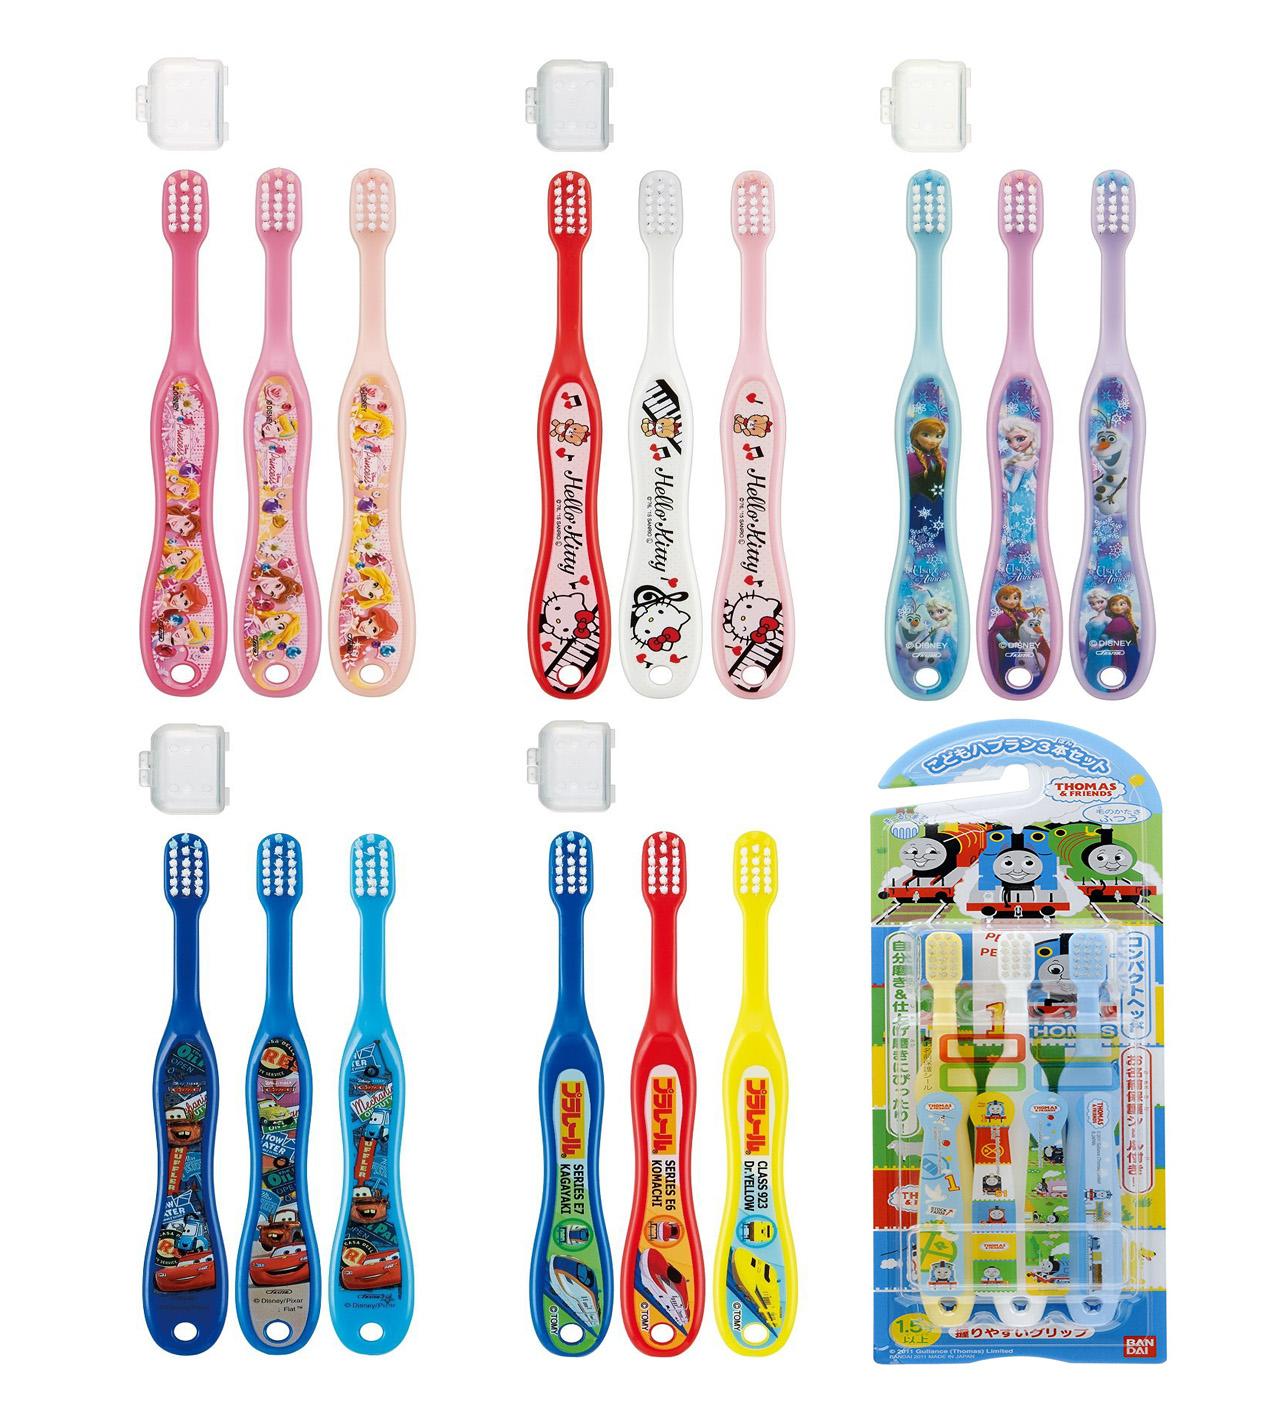 ชุดเซ็ทแปรสีฟันสำหรับเด็ก 3 ชิ้น [JAPAN]